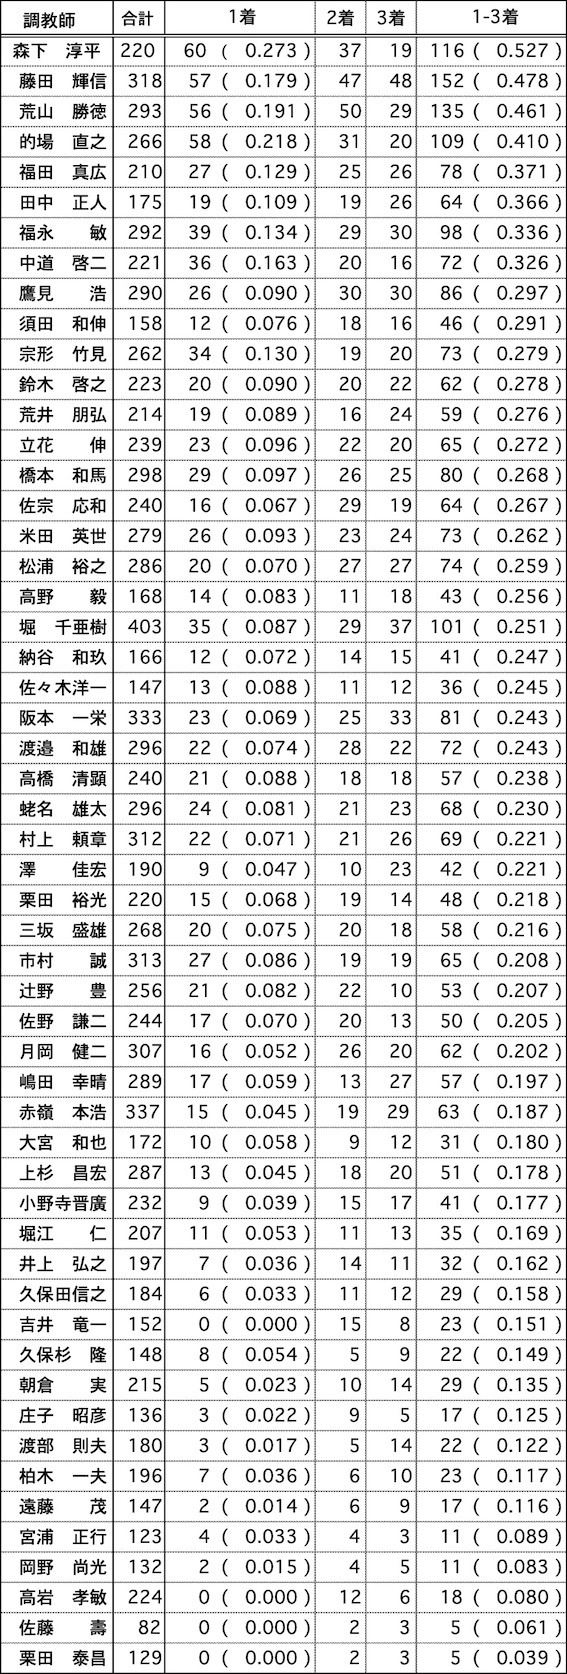 調教師データ02